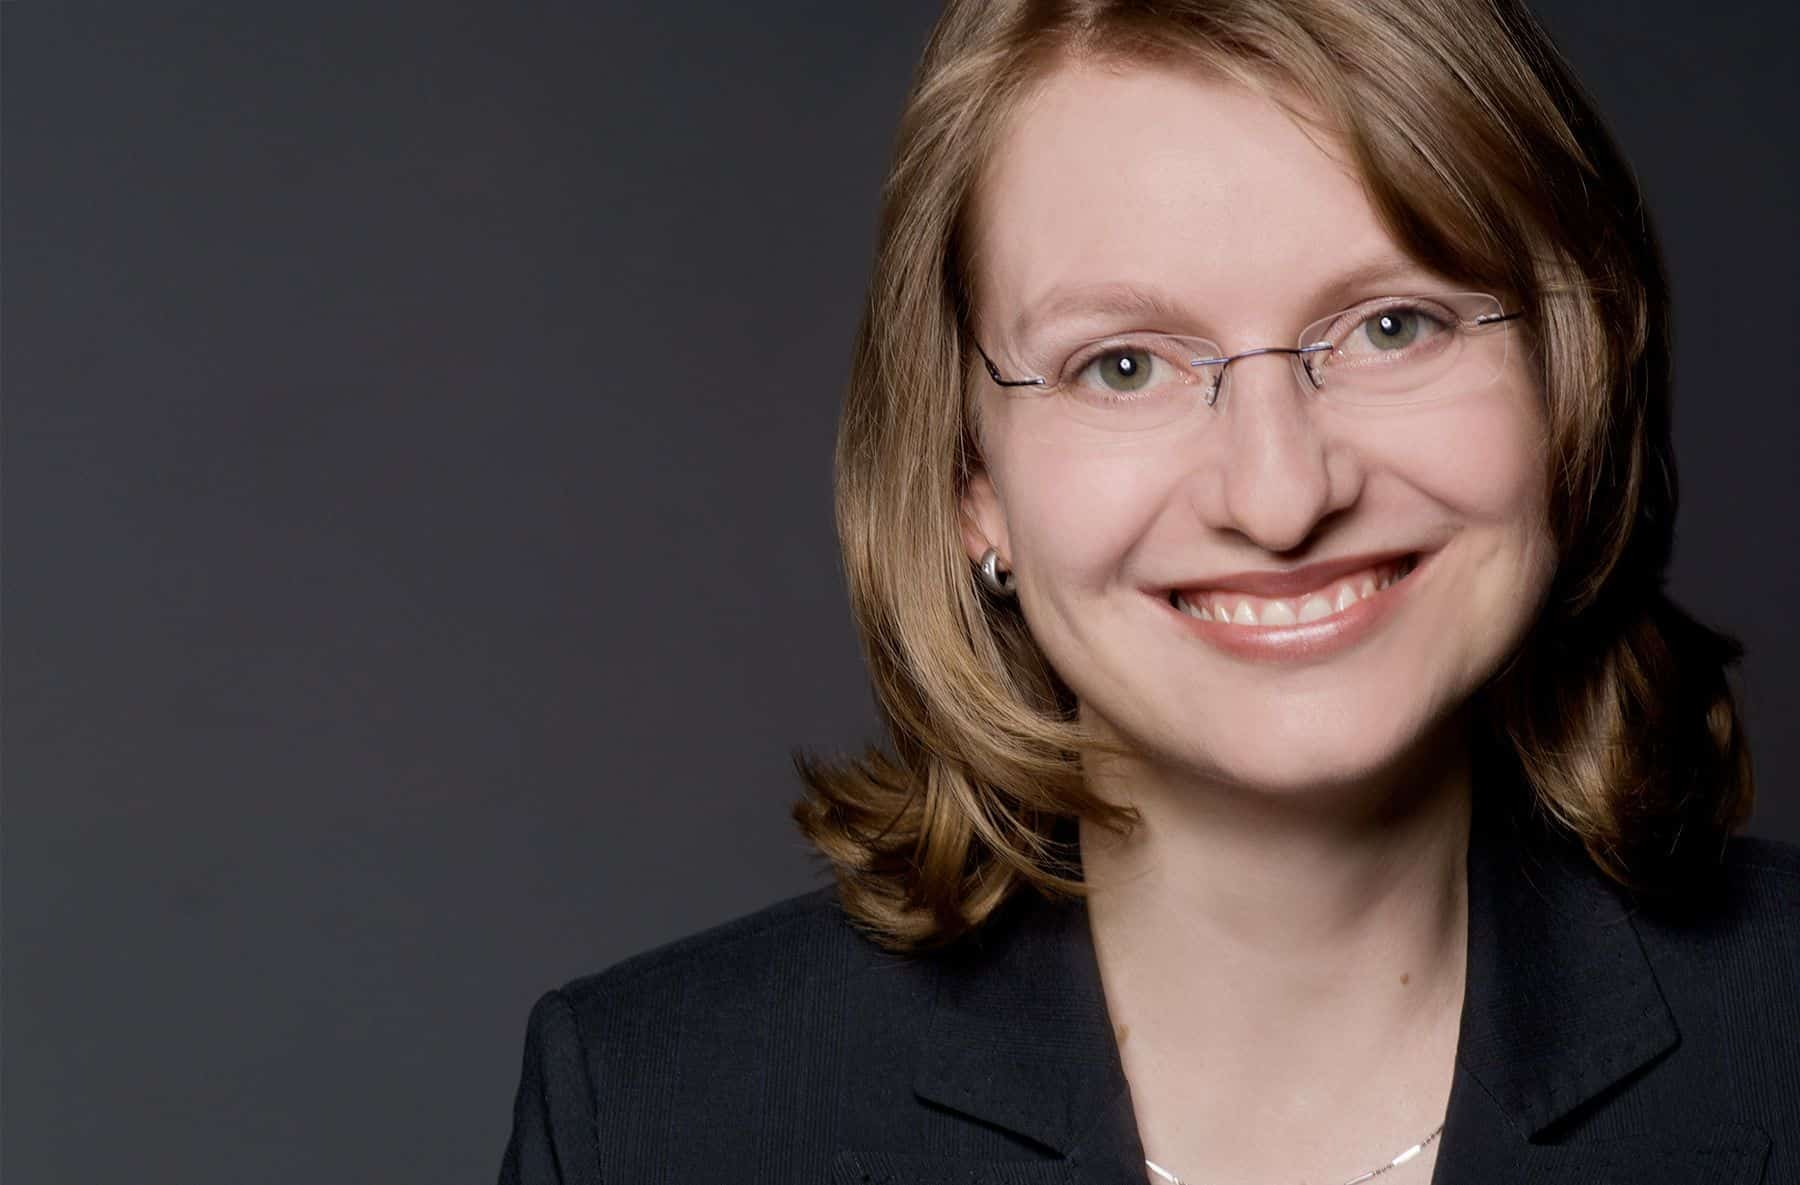 Nicole Scheiding